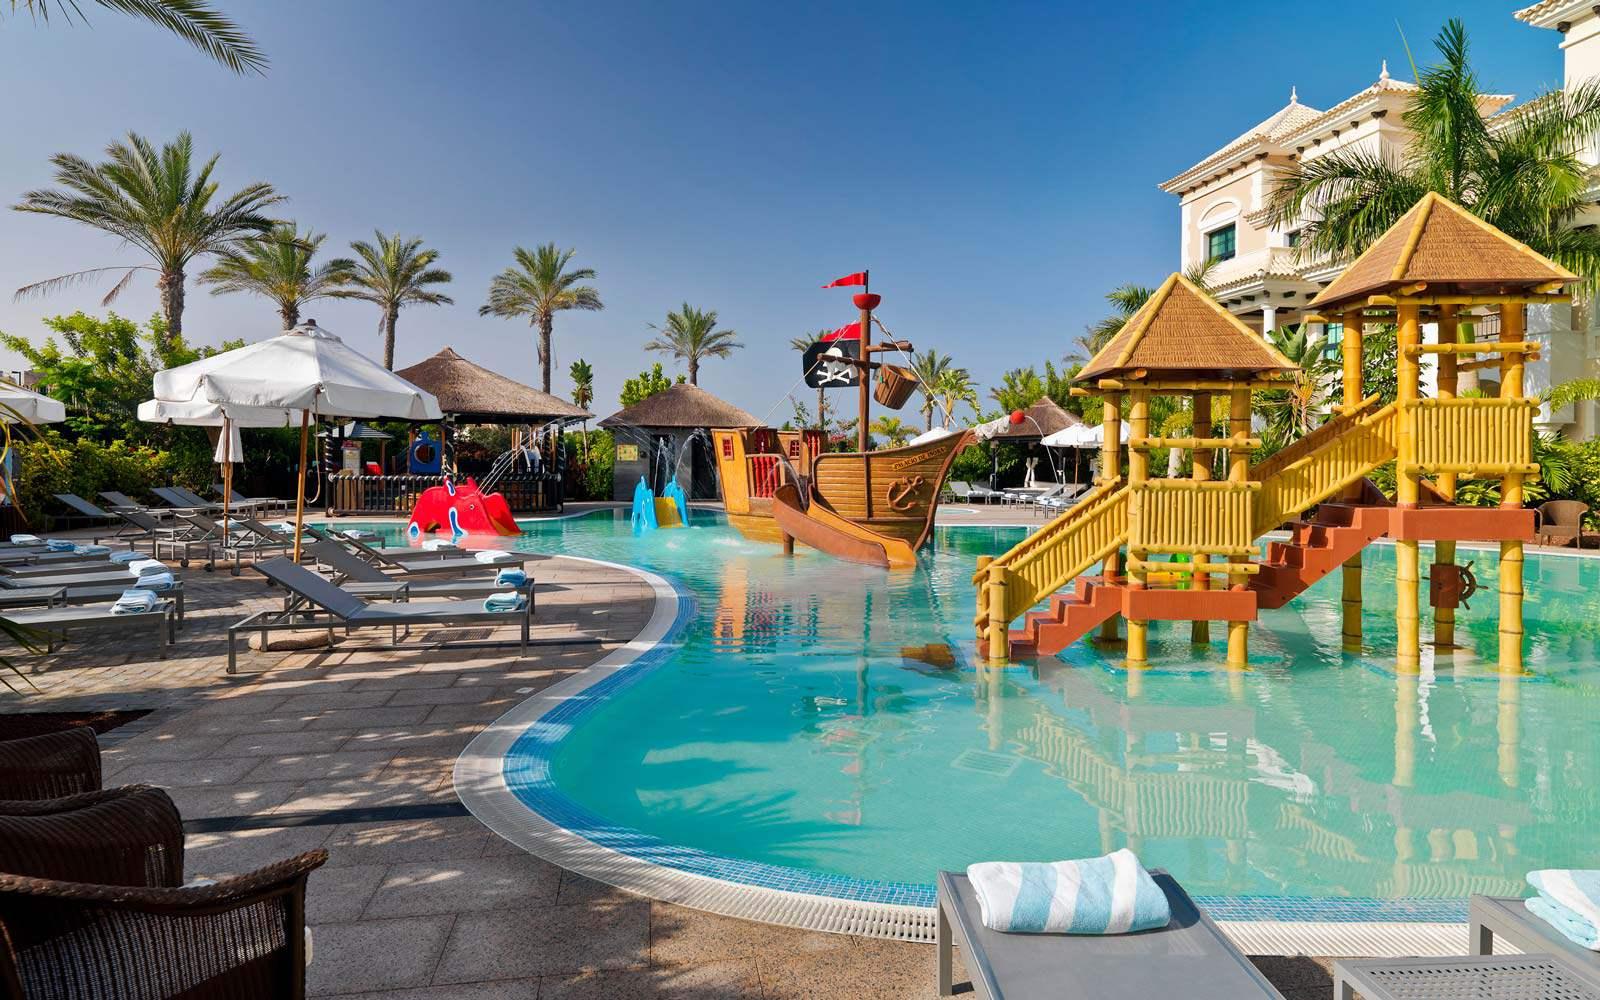 Gran Melia Palacio De Isora - children's pool